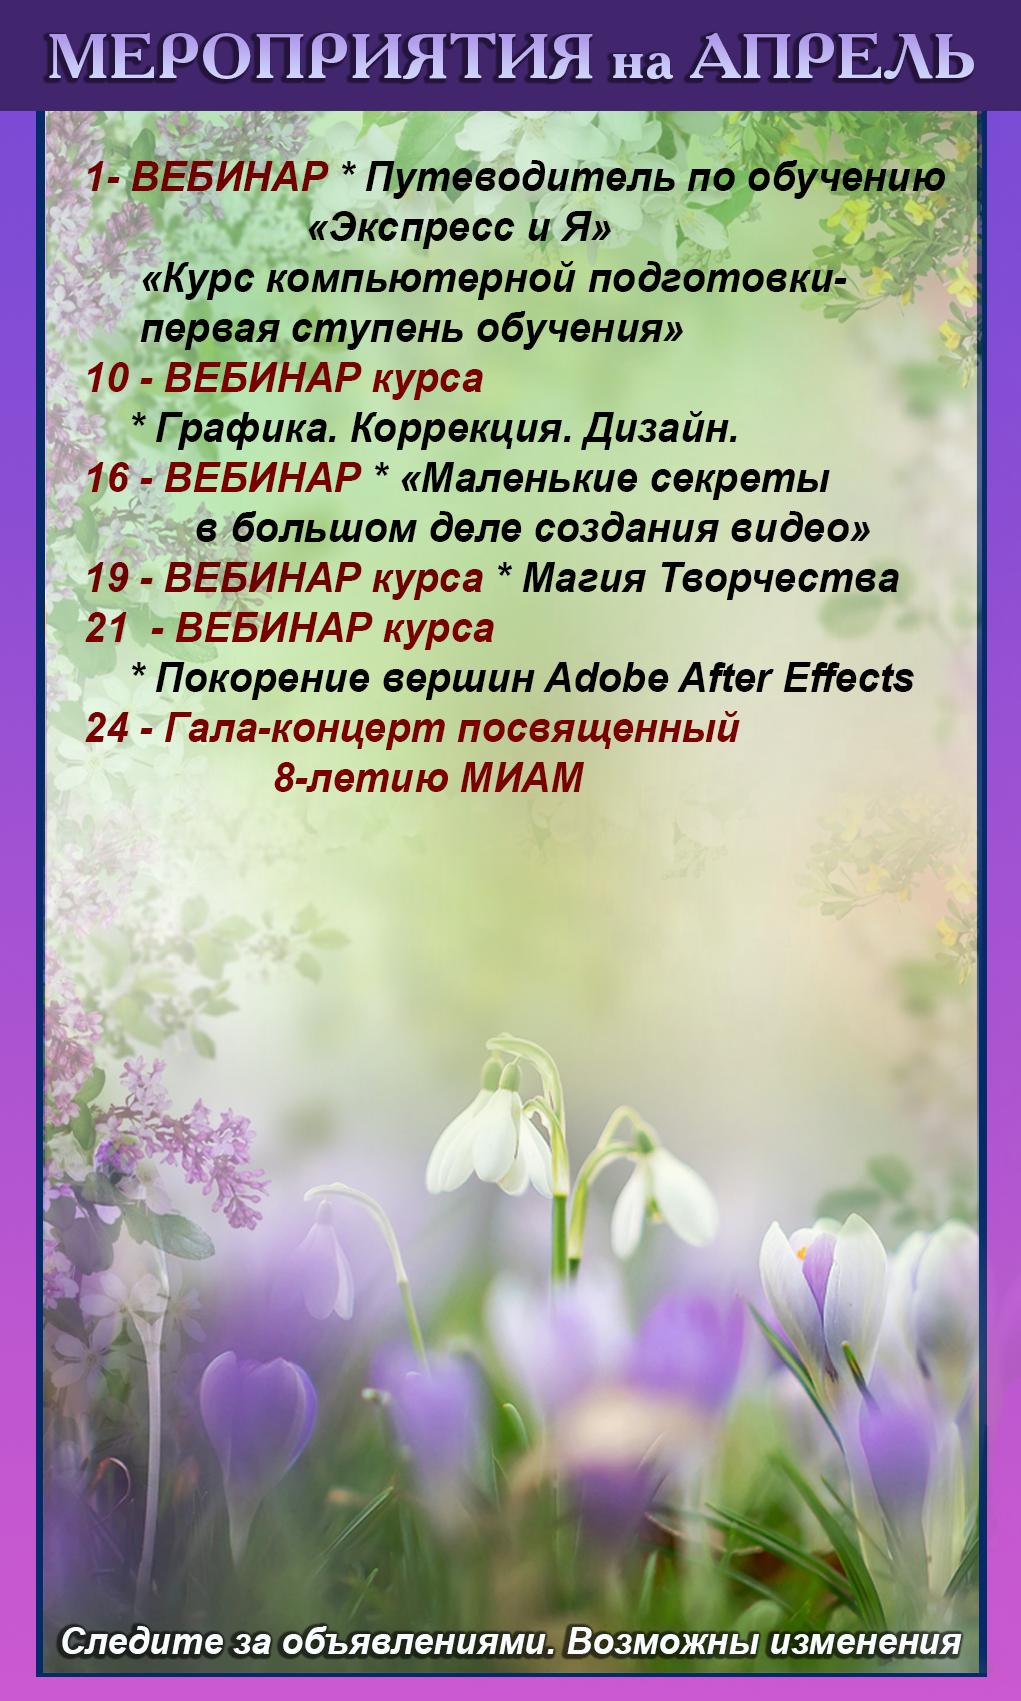 Расписание мероприятий